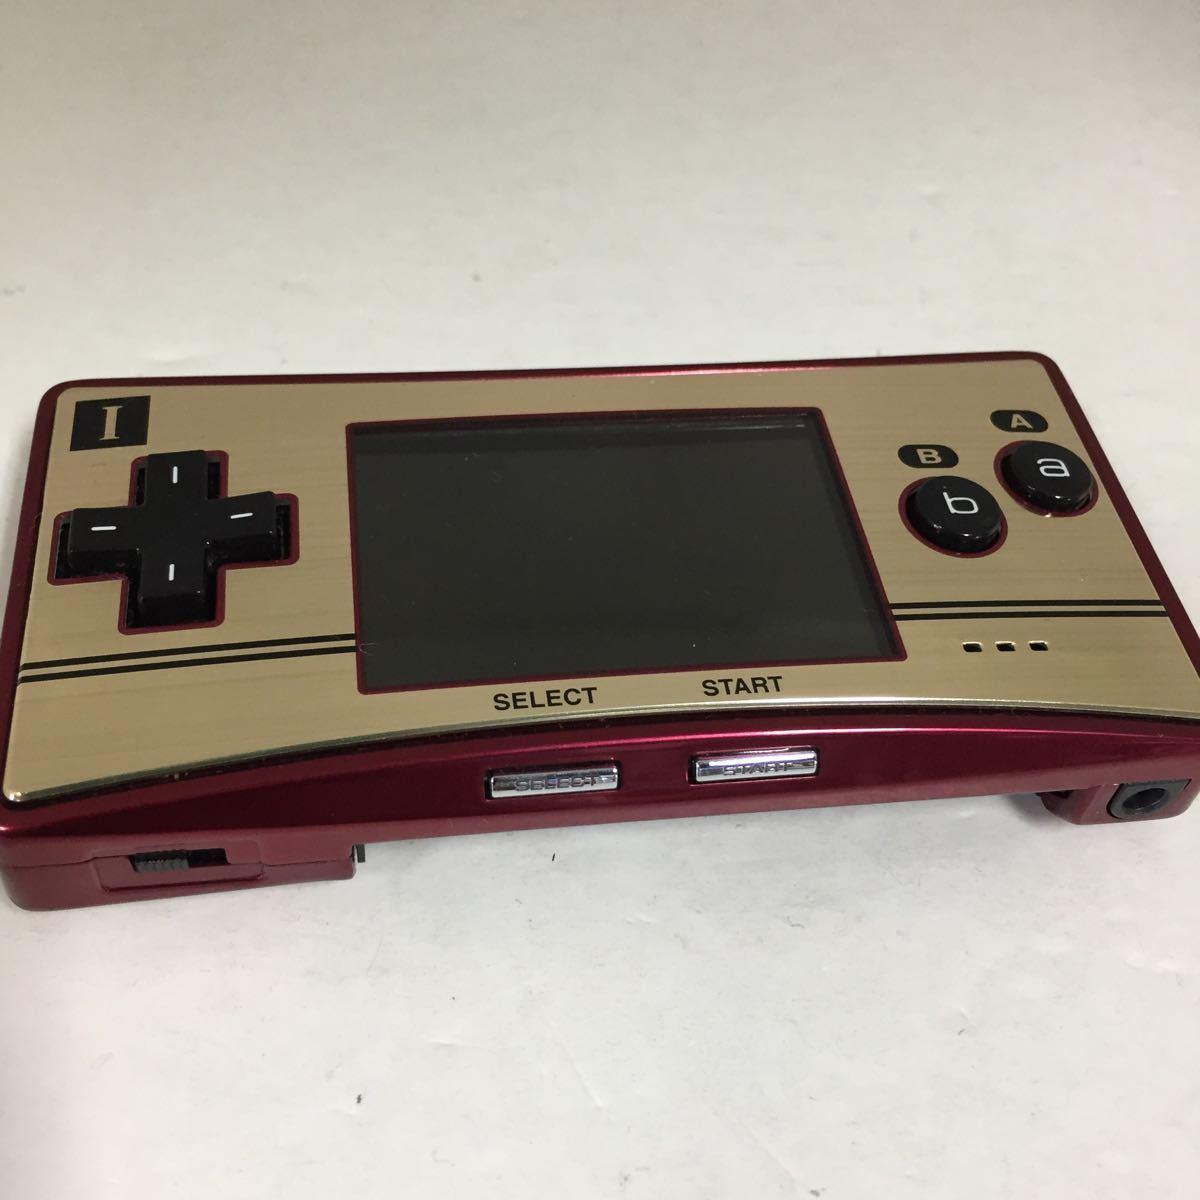 【ジャンク】ゲームボーイミクロ Nintendo ジャンク品 ゲーム機本体 GAMEBOYmicro 任天堂ゲームボーイ 部品取り 修理可能な方_画像4